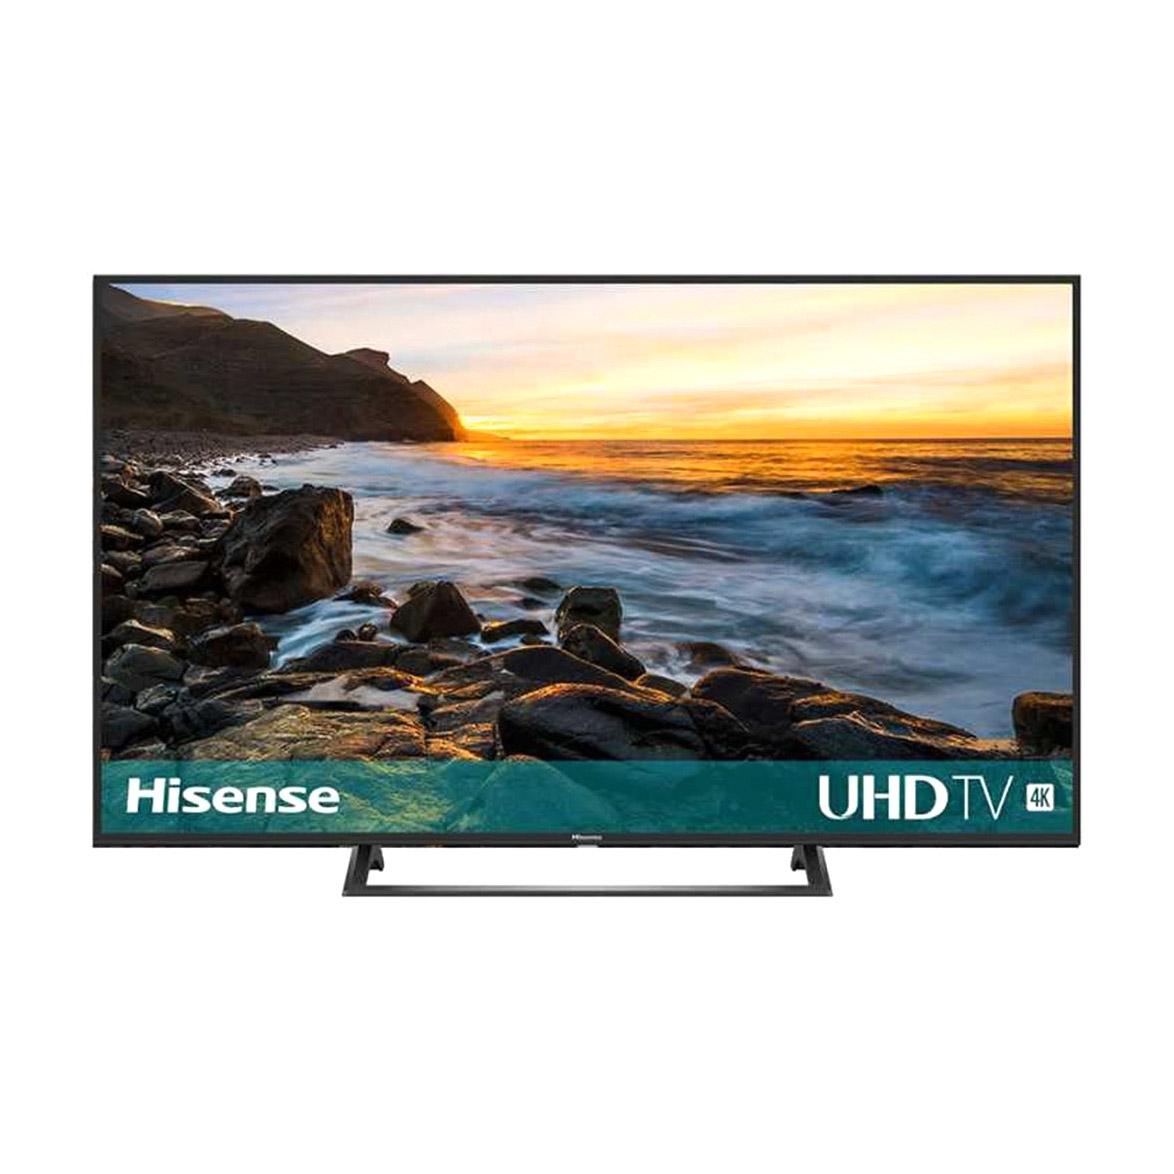 Фото - Телевизор Hisense 65 H65B7300 телевизор hisense 50a7300f 50 2020 черный